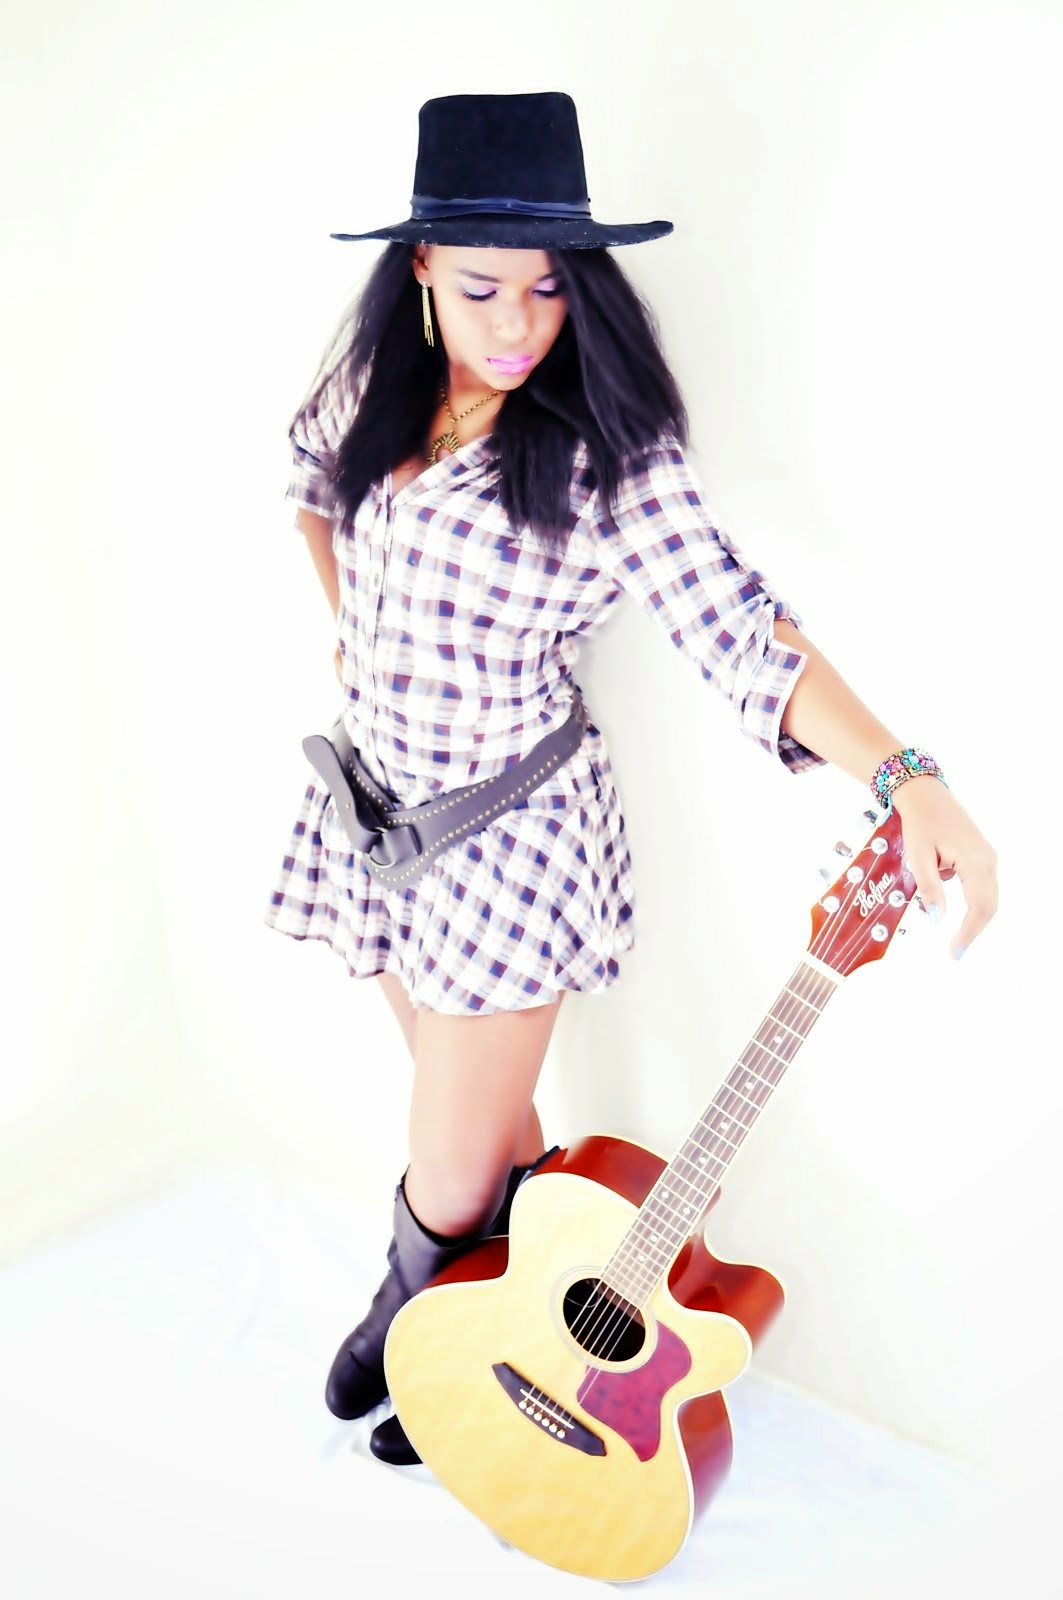 Naiana Queiroz